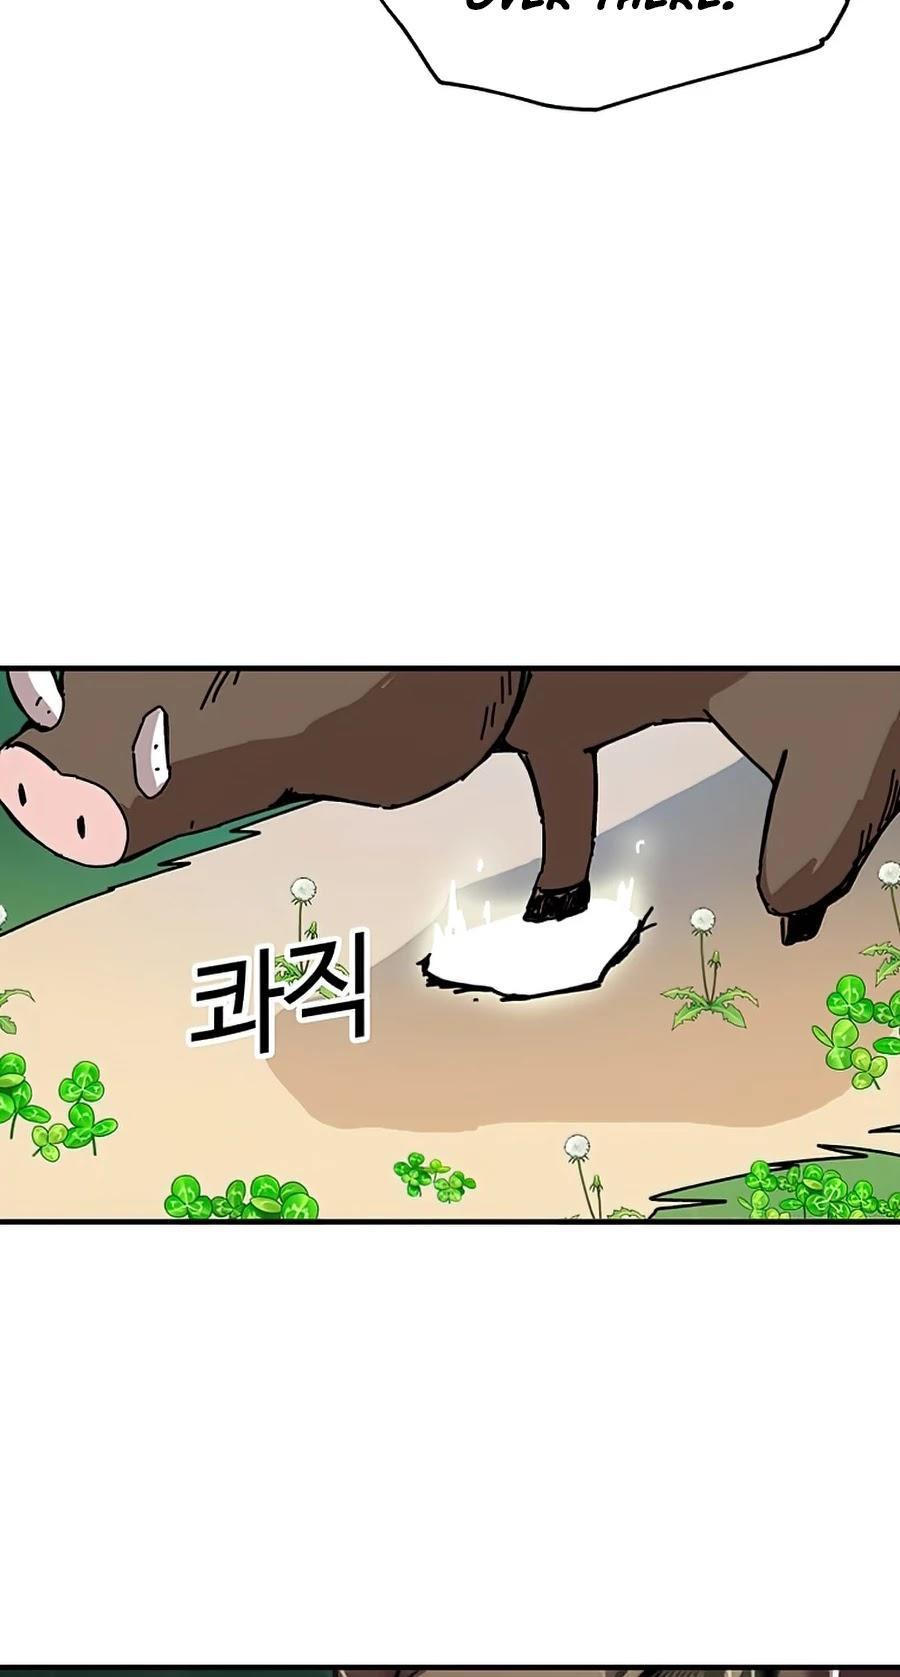 Bug Player Chapter 77 page 11 - Mangakakalot